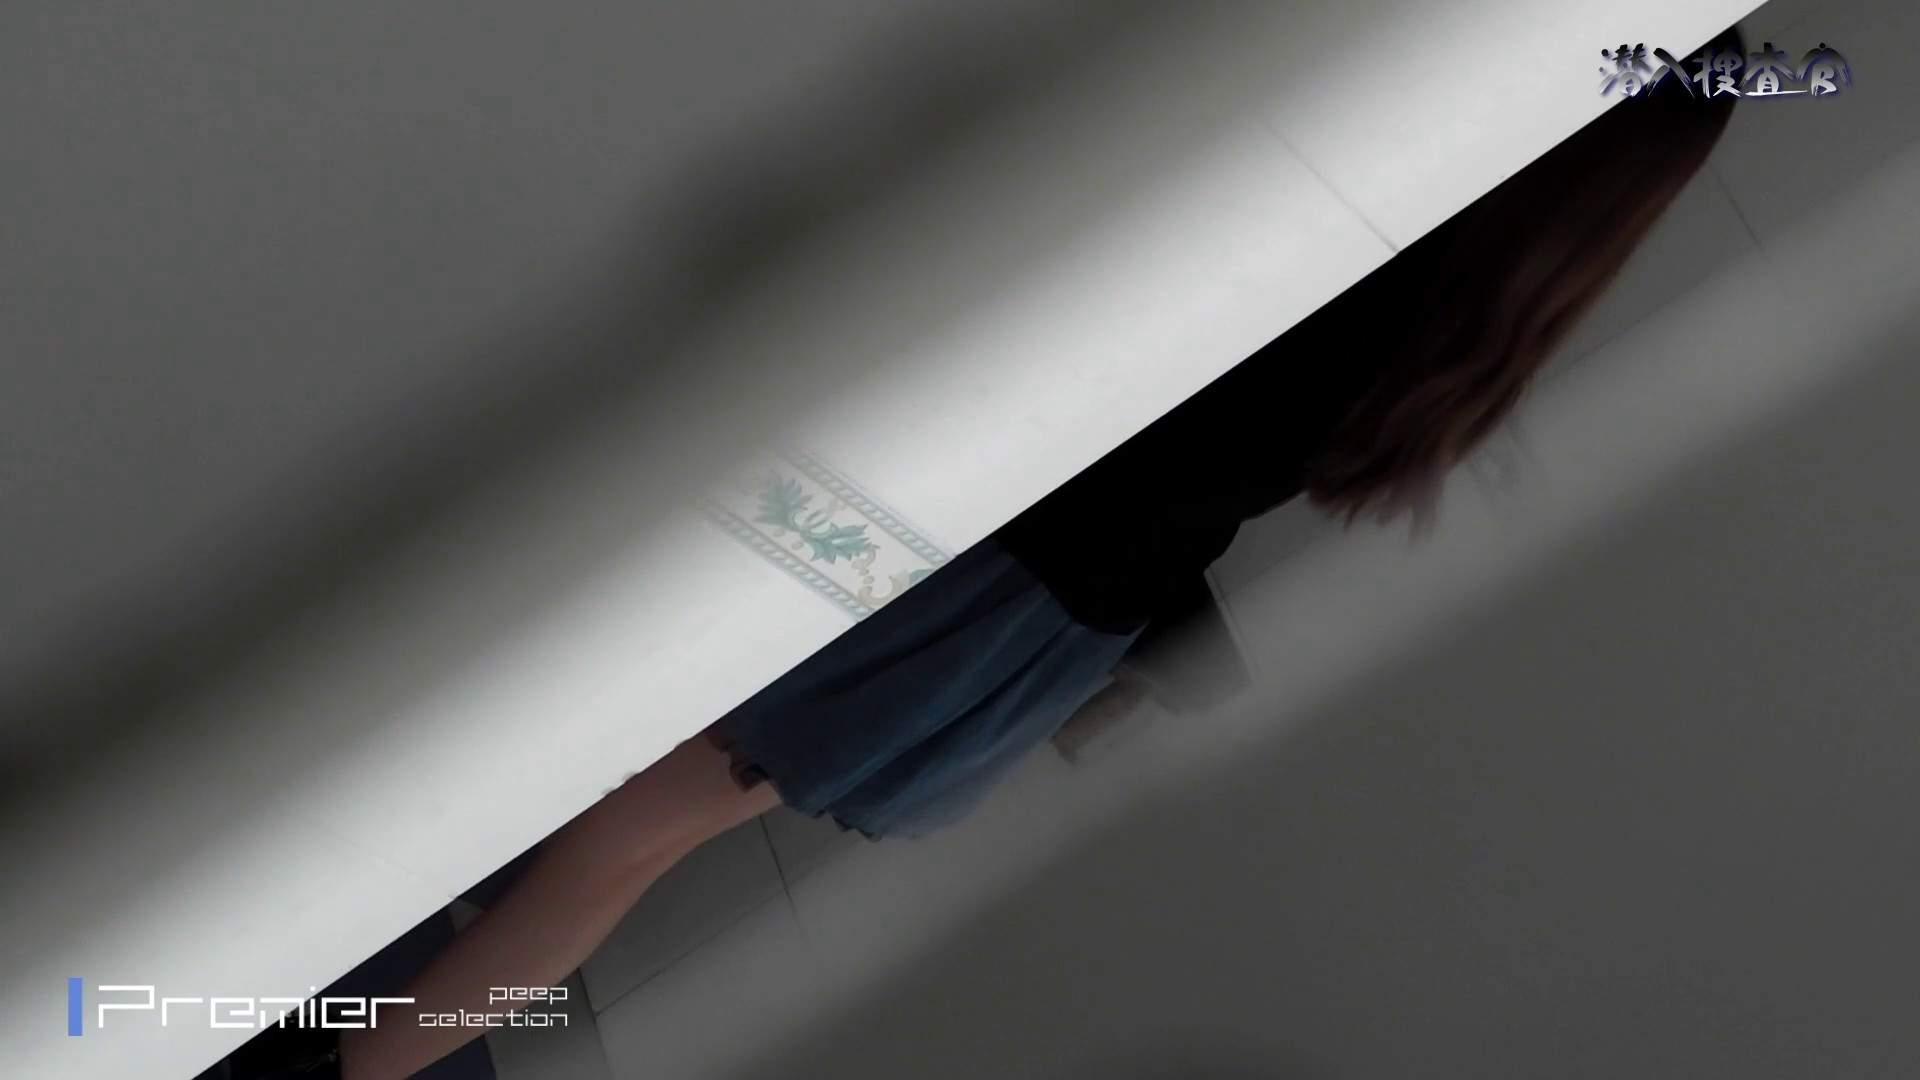 下からノゾム vol.040 見て分かる、美女の尻は違います。 洗面所 エロ画像 77画像 22